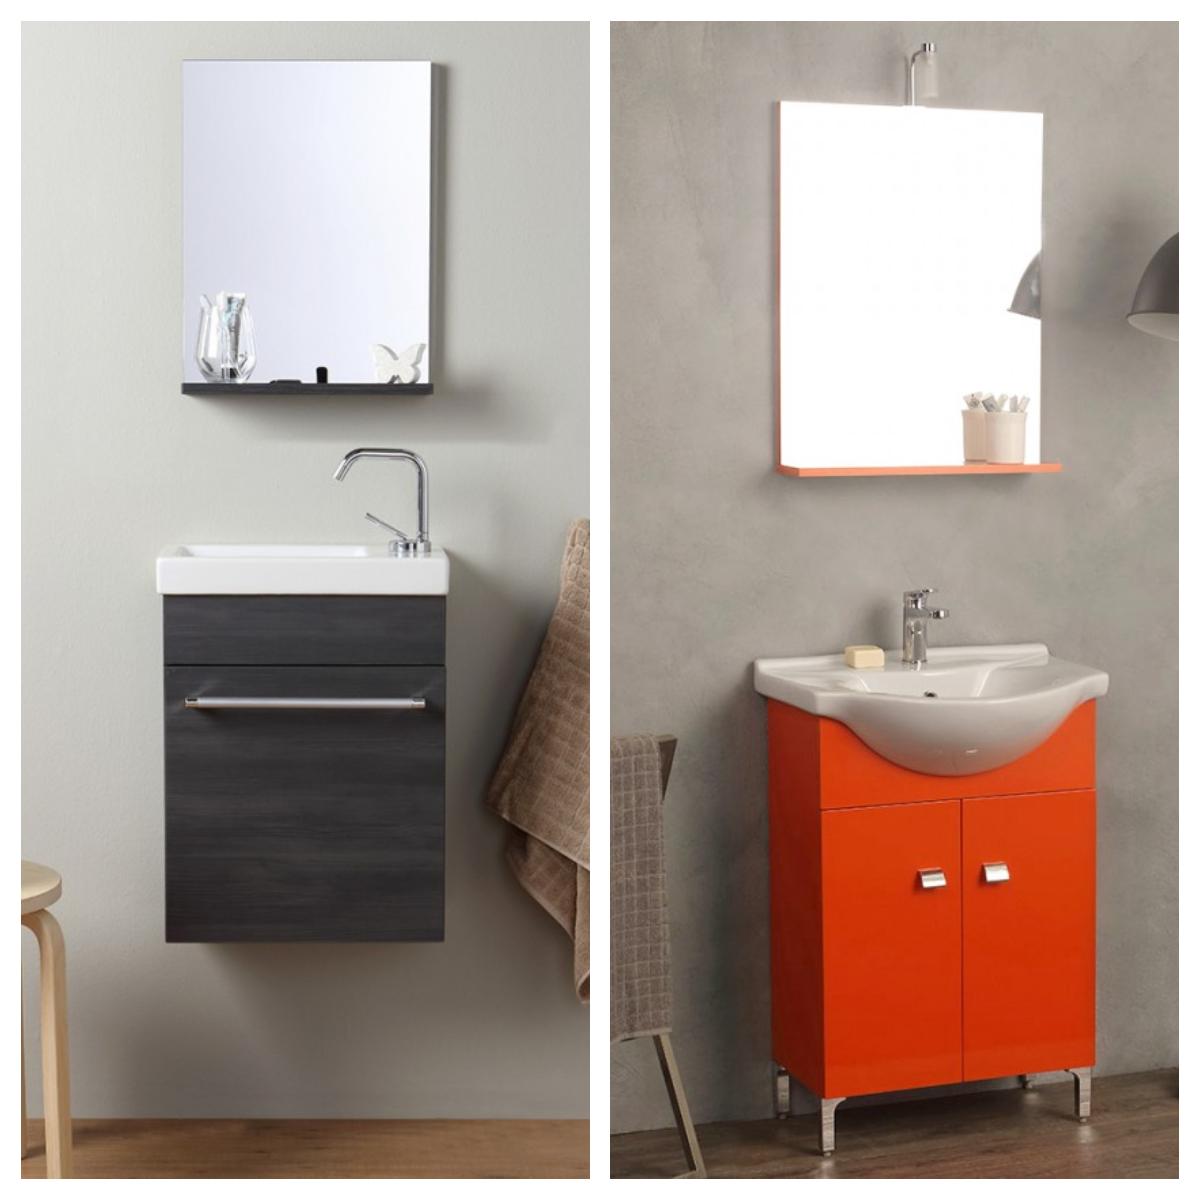 Consigli utili per arredare il tuo bagno spendendo poco kv blog - Mobiletto bagno ...